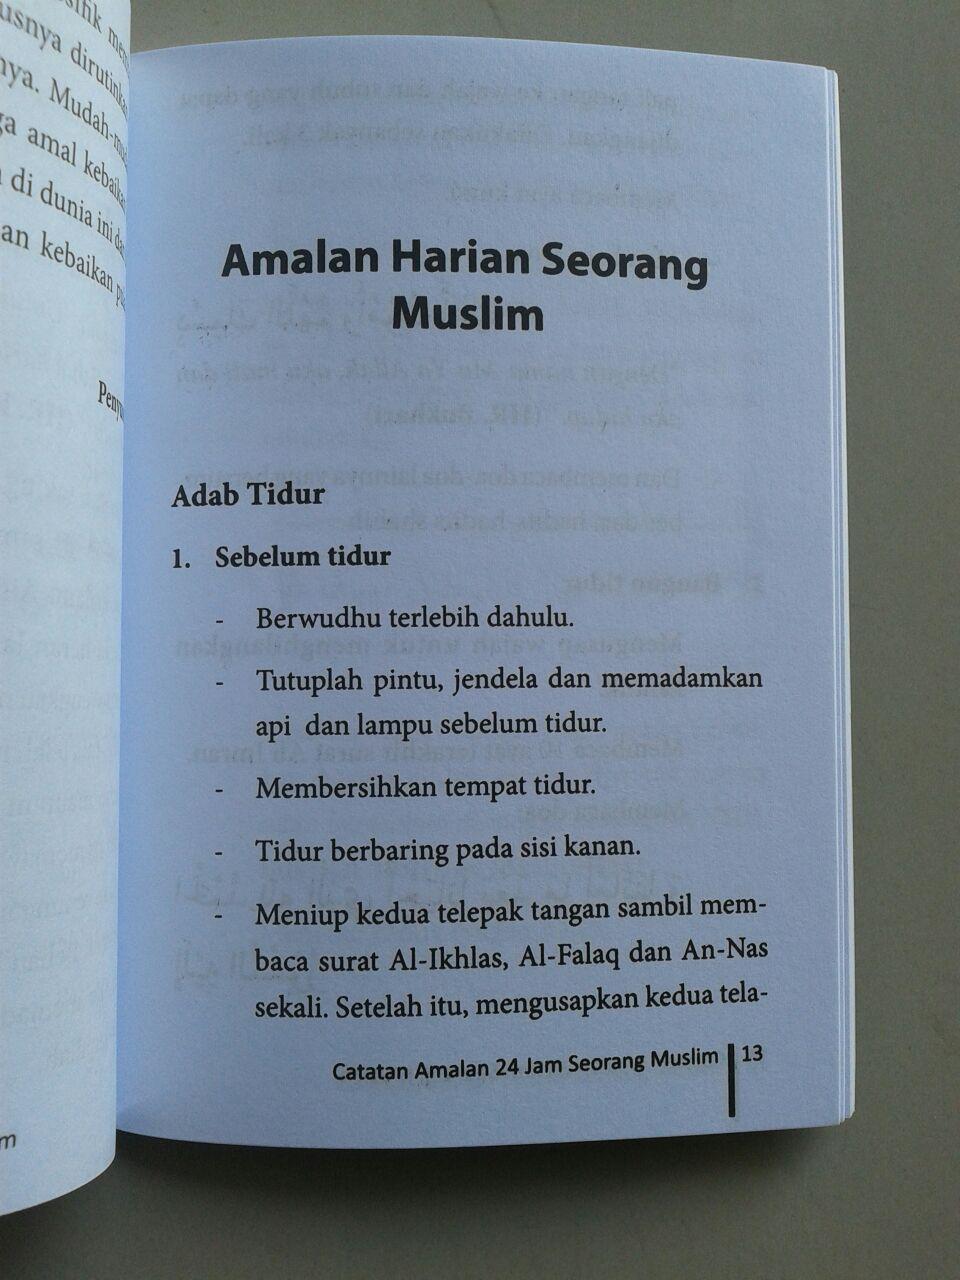 Buku Saku Catatan Amalan 24 Jam Seorang Muslim isi 2